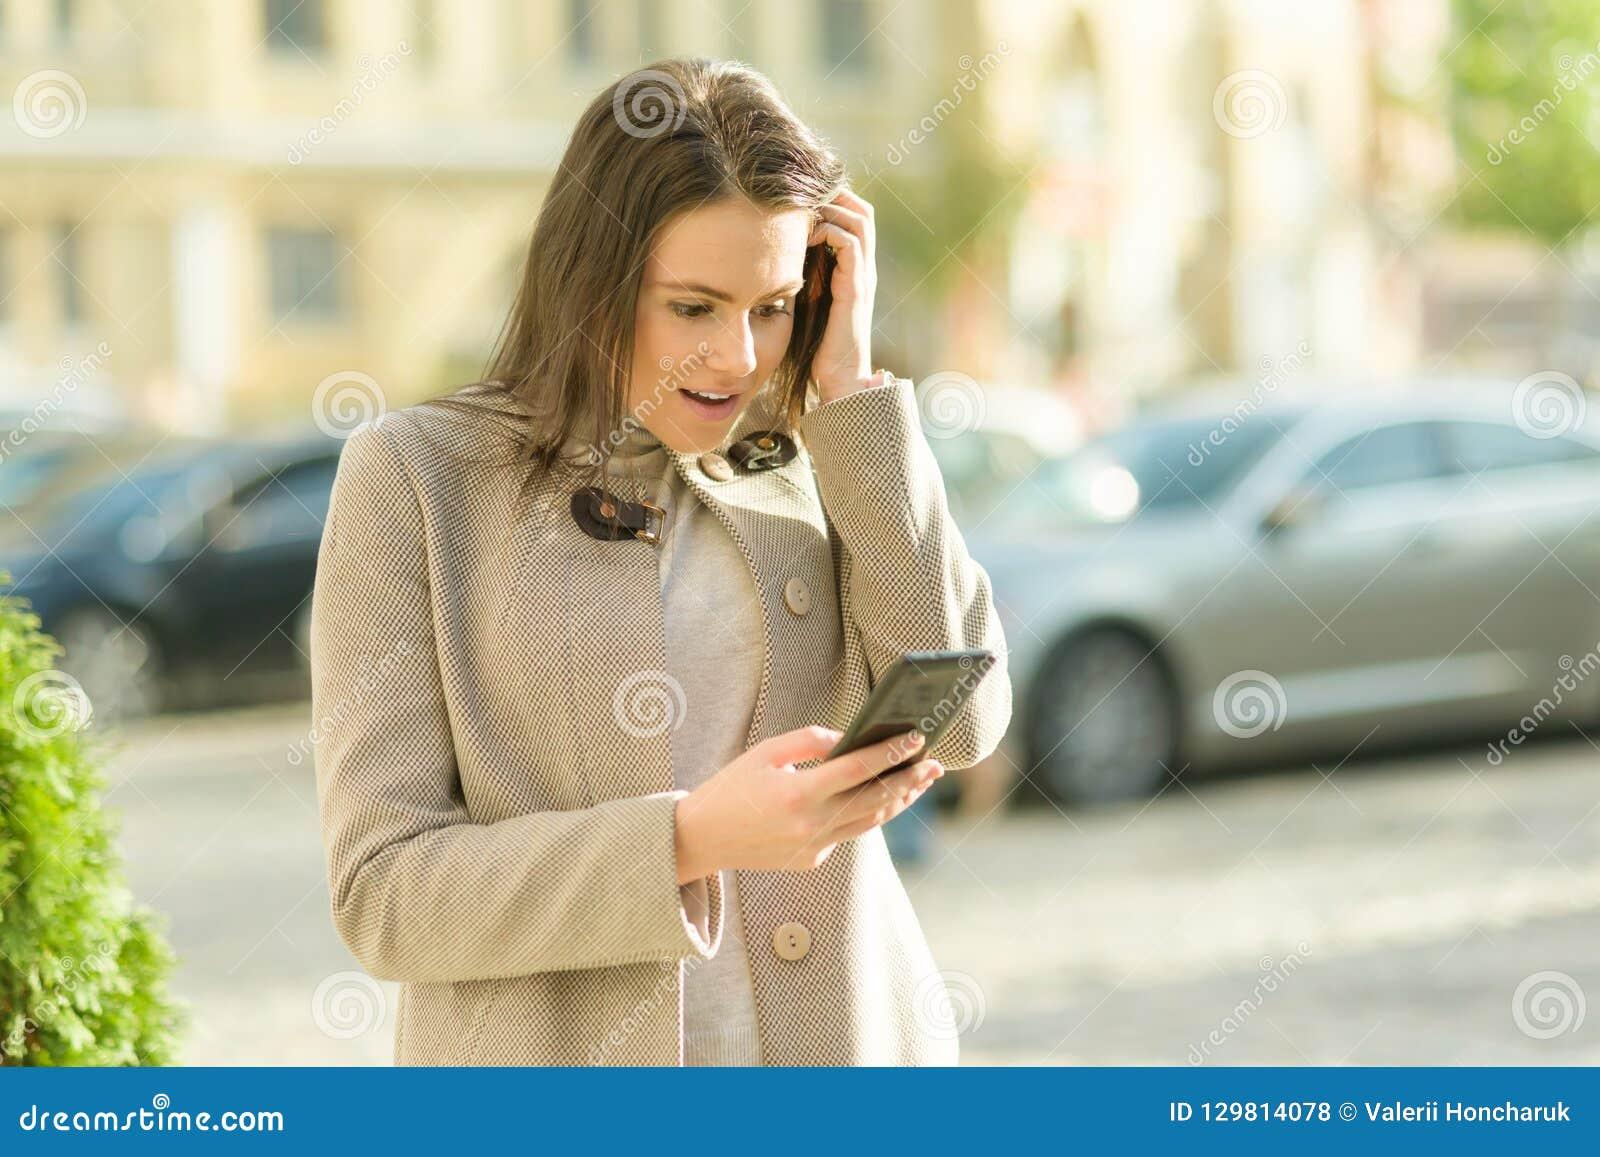 一微笑的愉快的年轻女人的室外画象有智能手机的,城市街道背景,秋天好日子 女孩情感地起反应